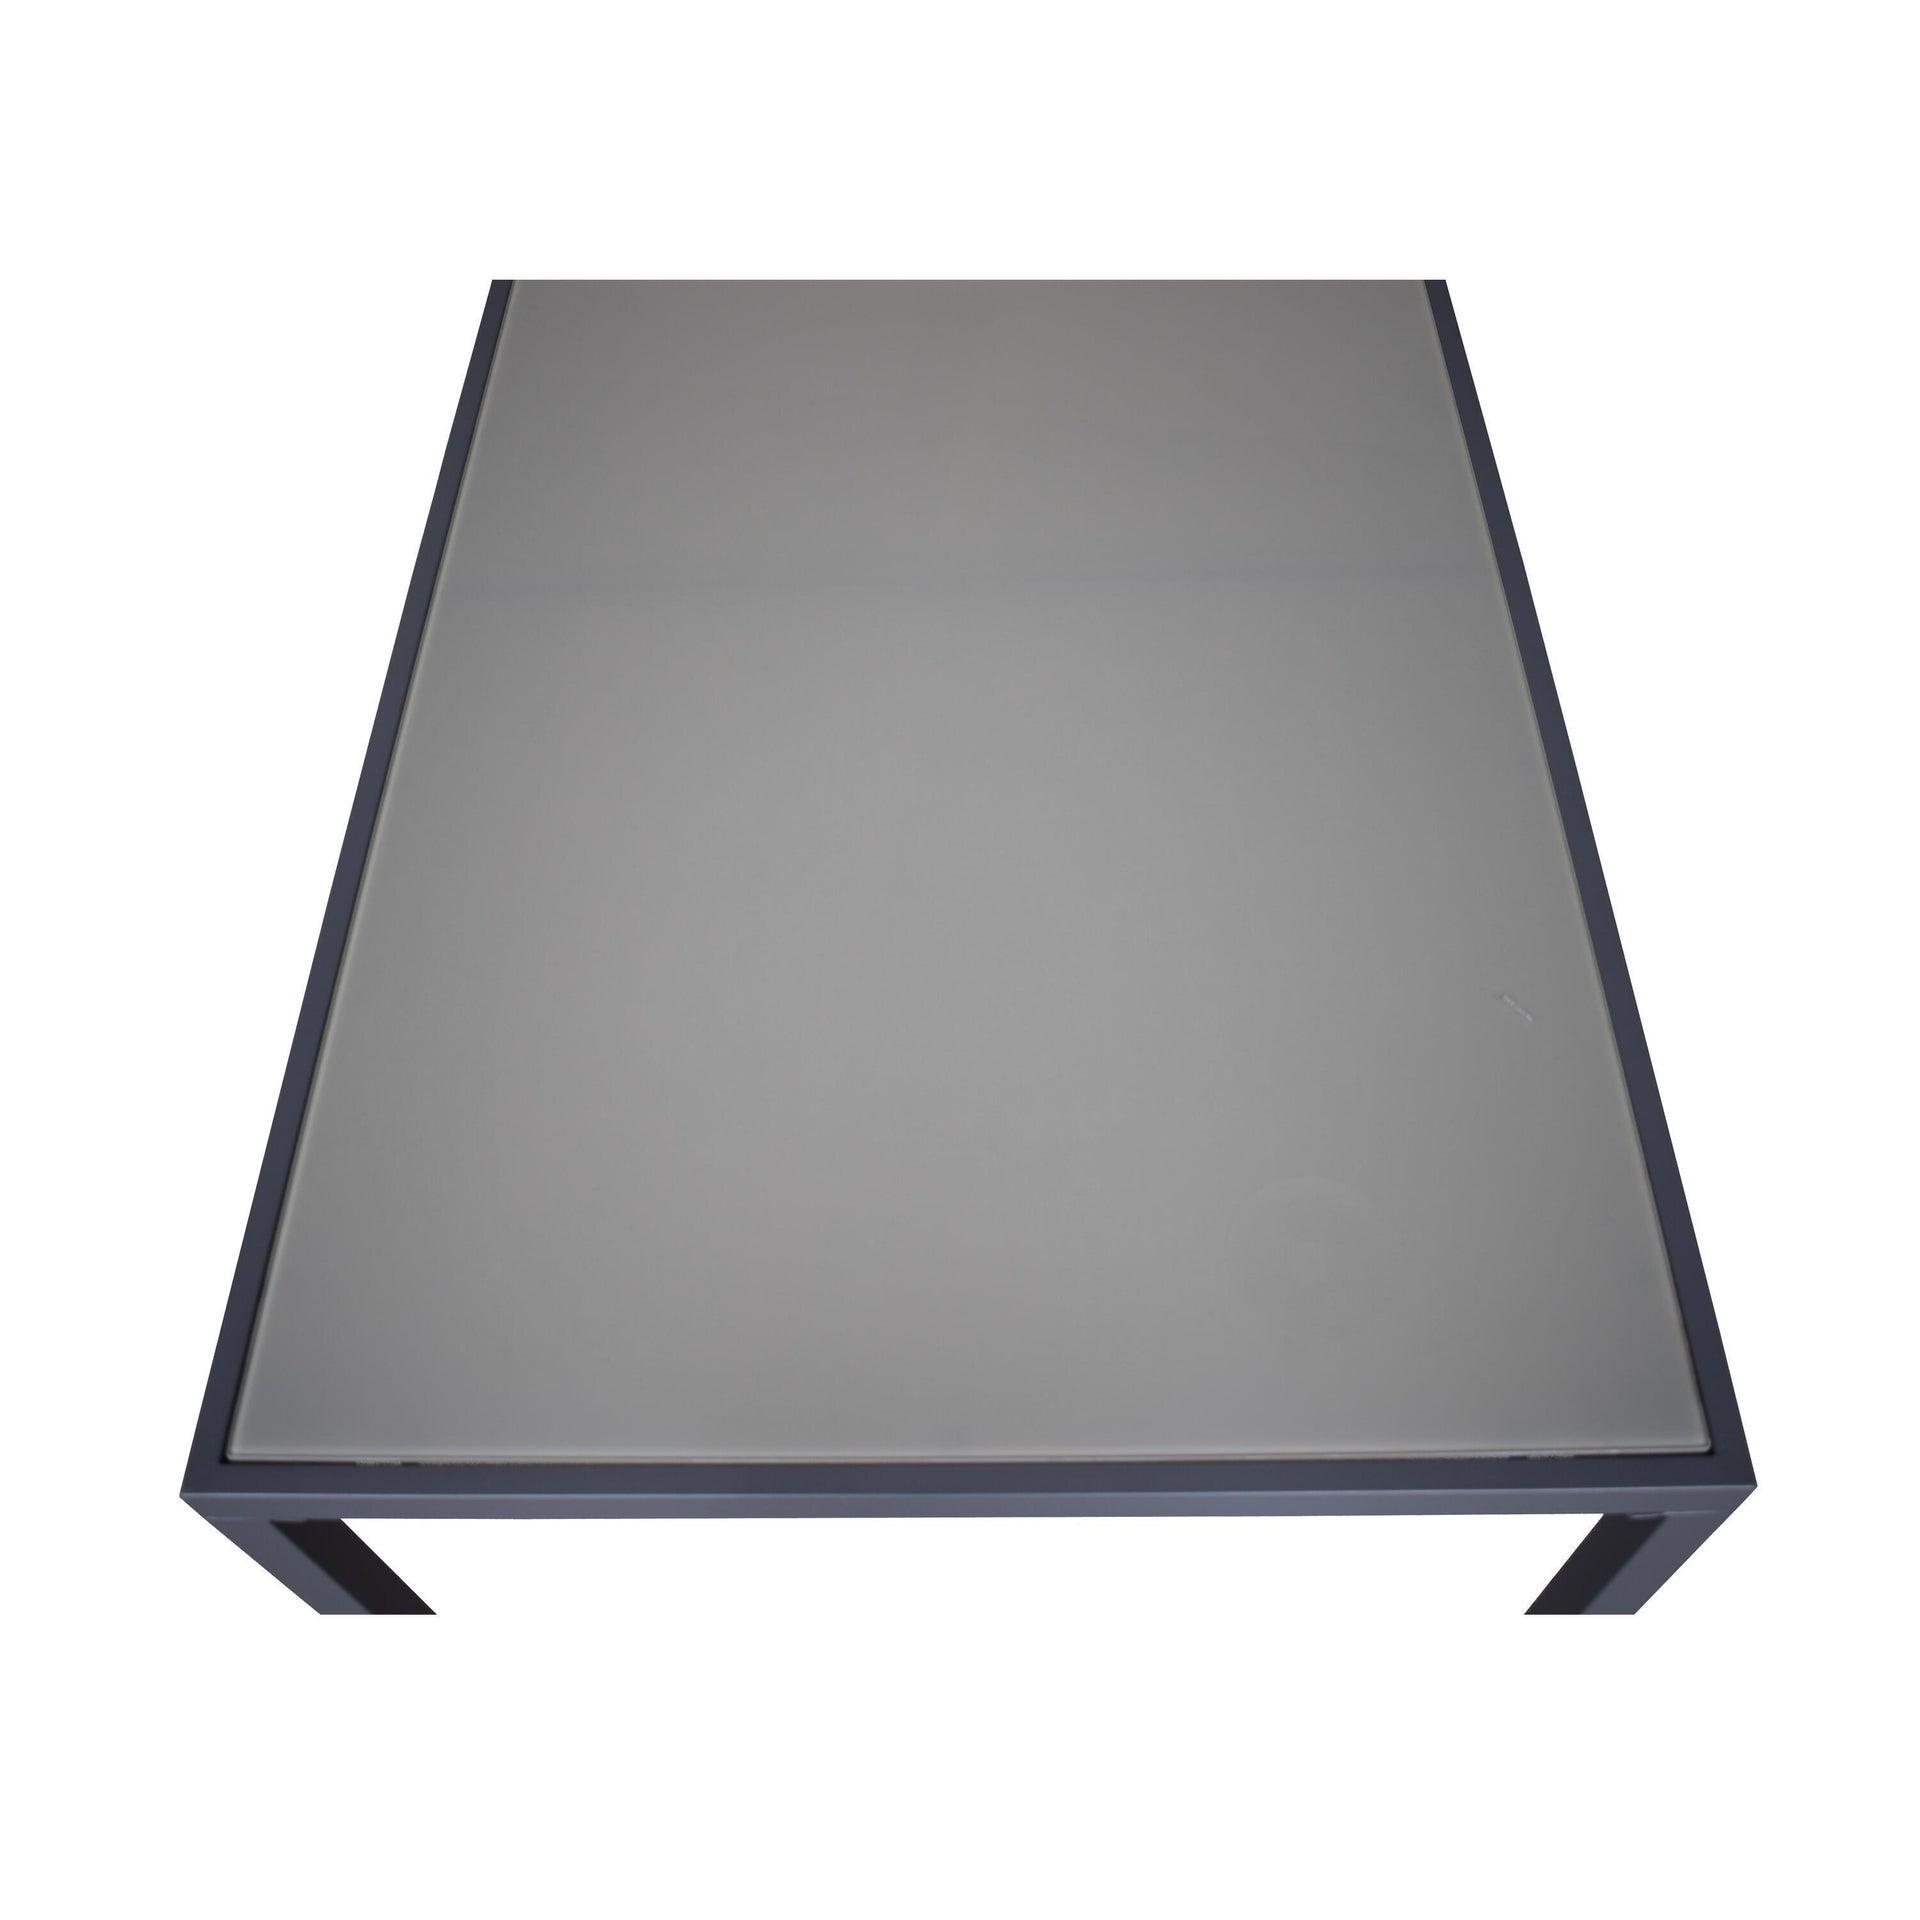 Tavolo da giardino rettangolare con piano in metallo L 90 x P 150 cm - 2